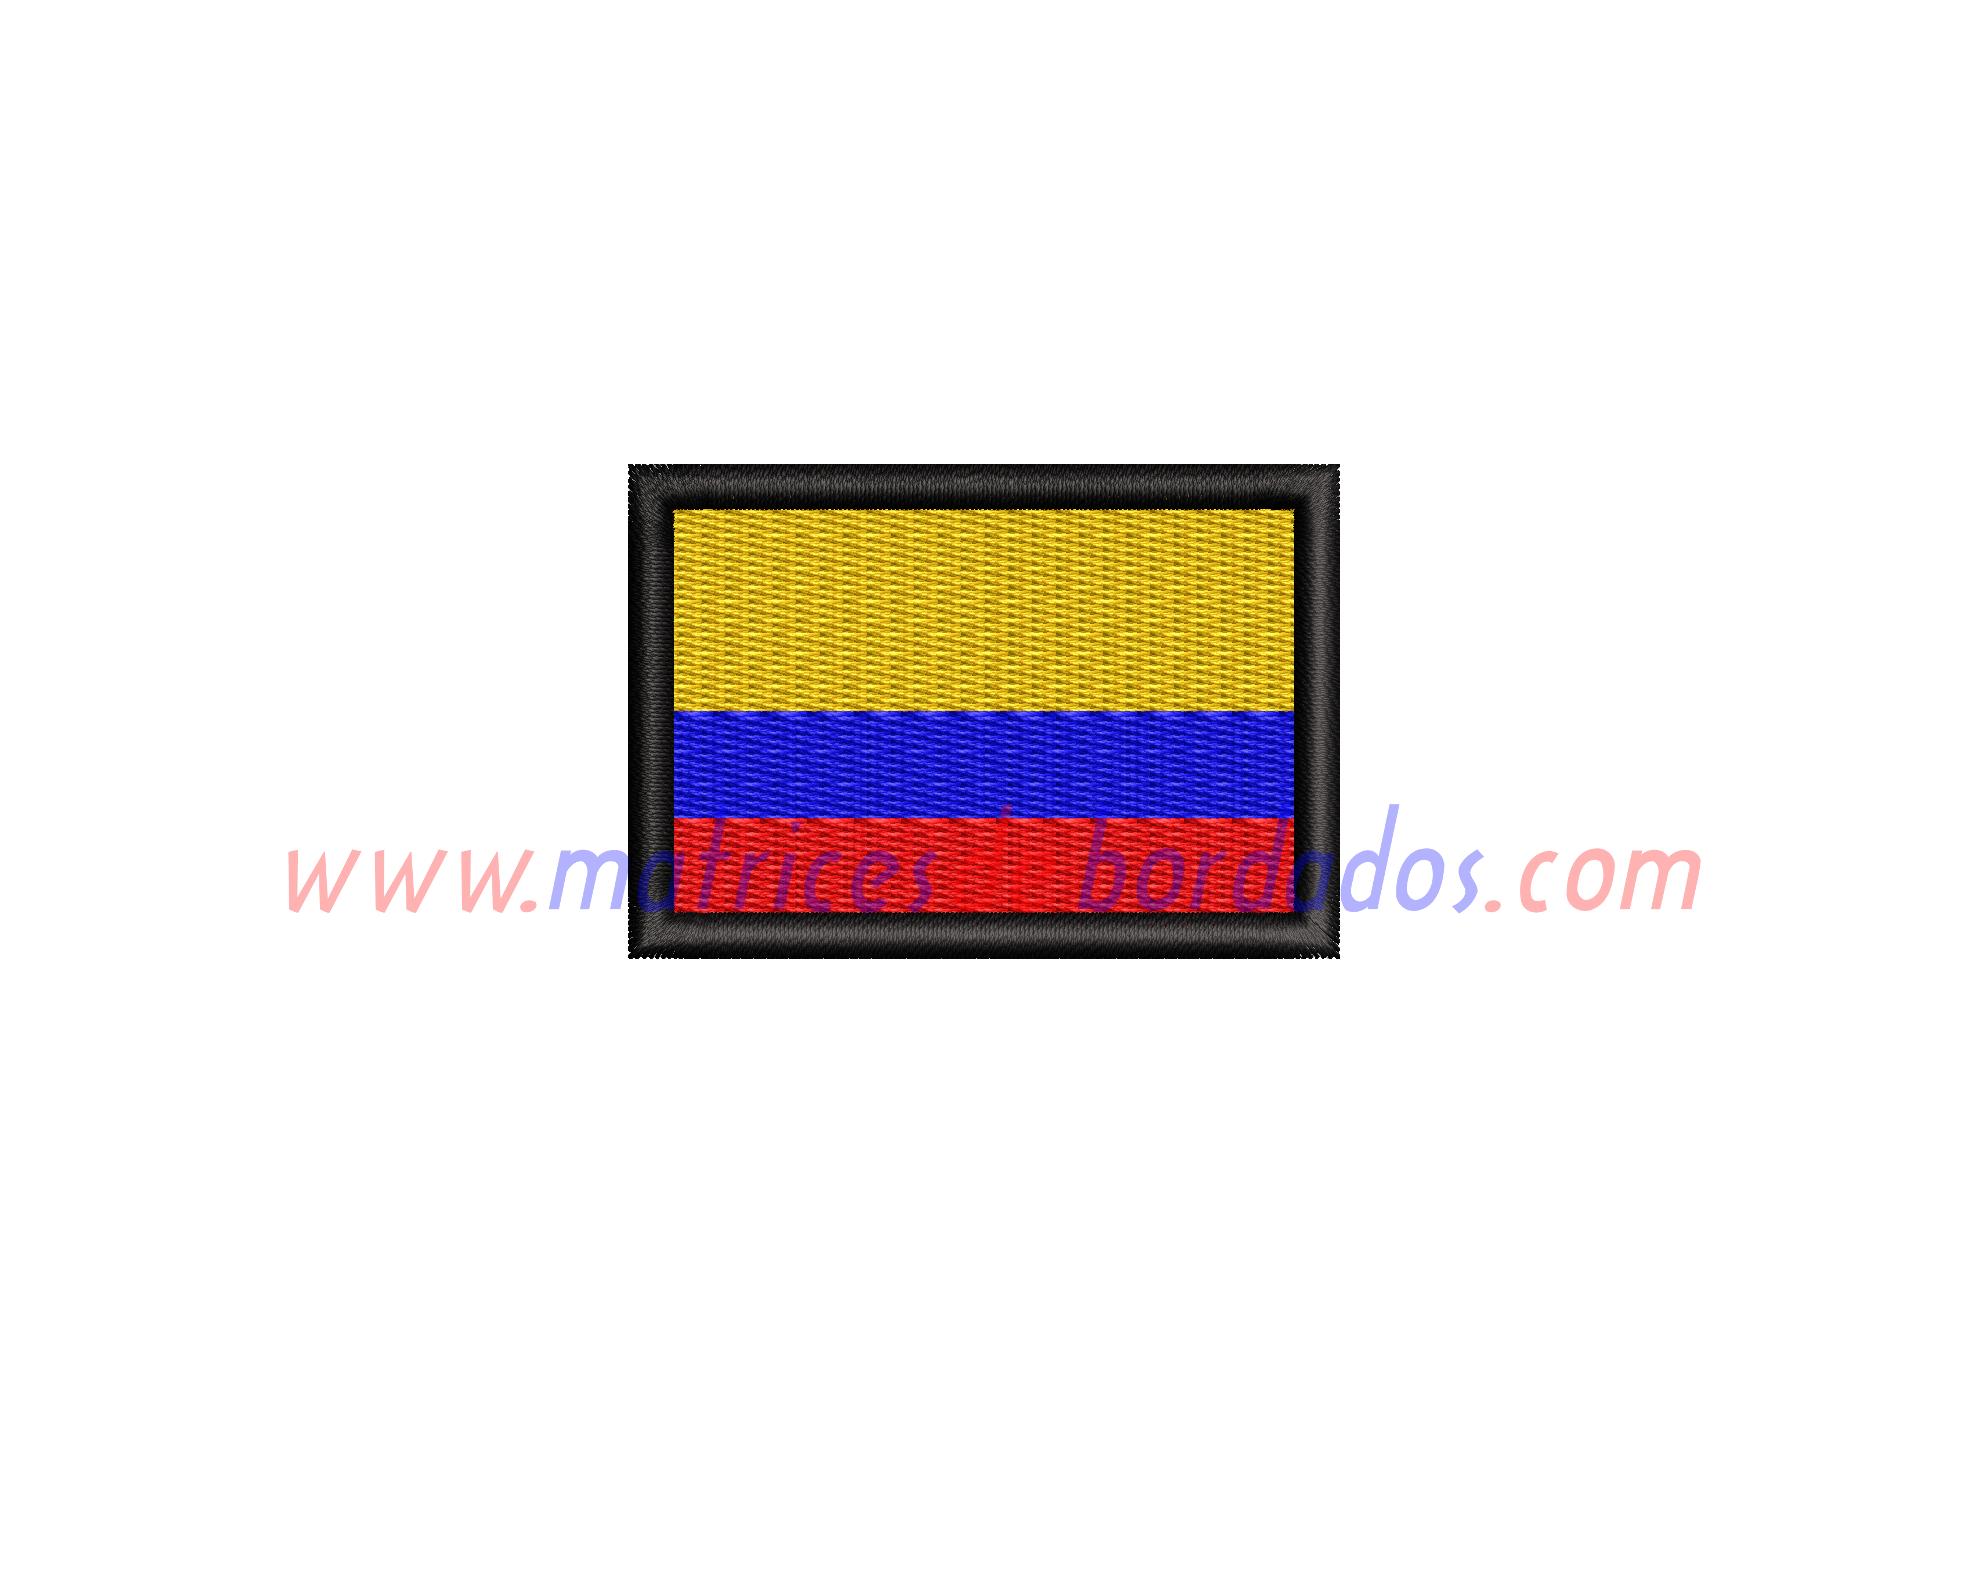 BC89MX - Bandera de Colombia